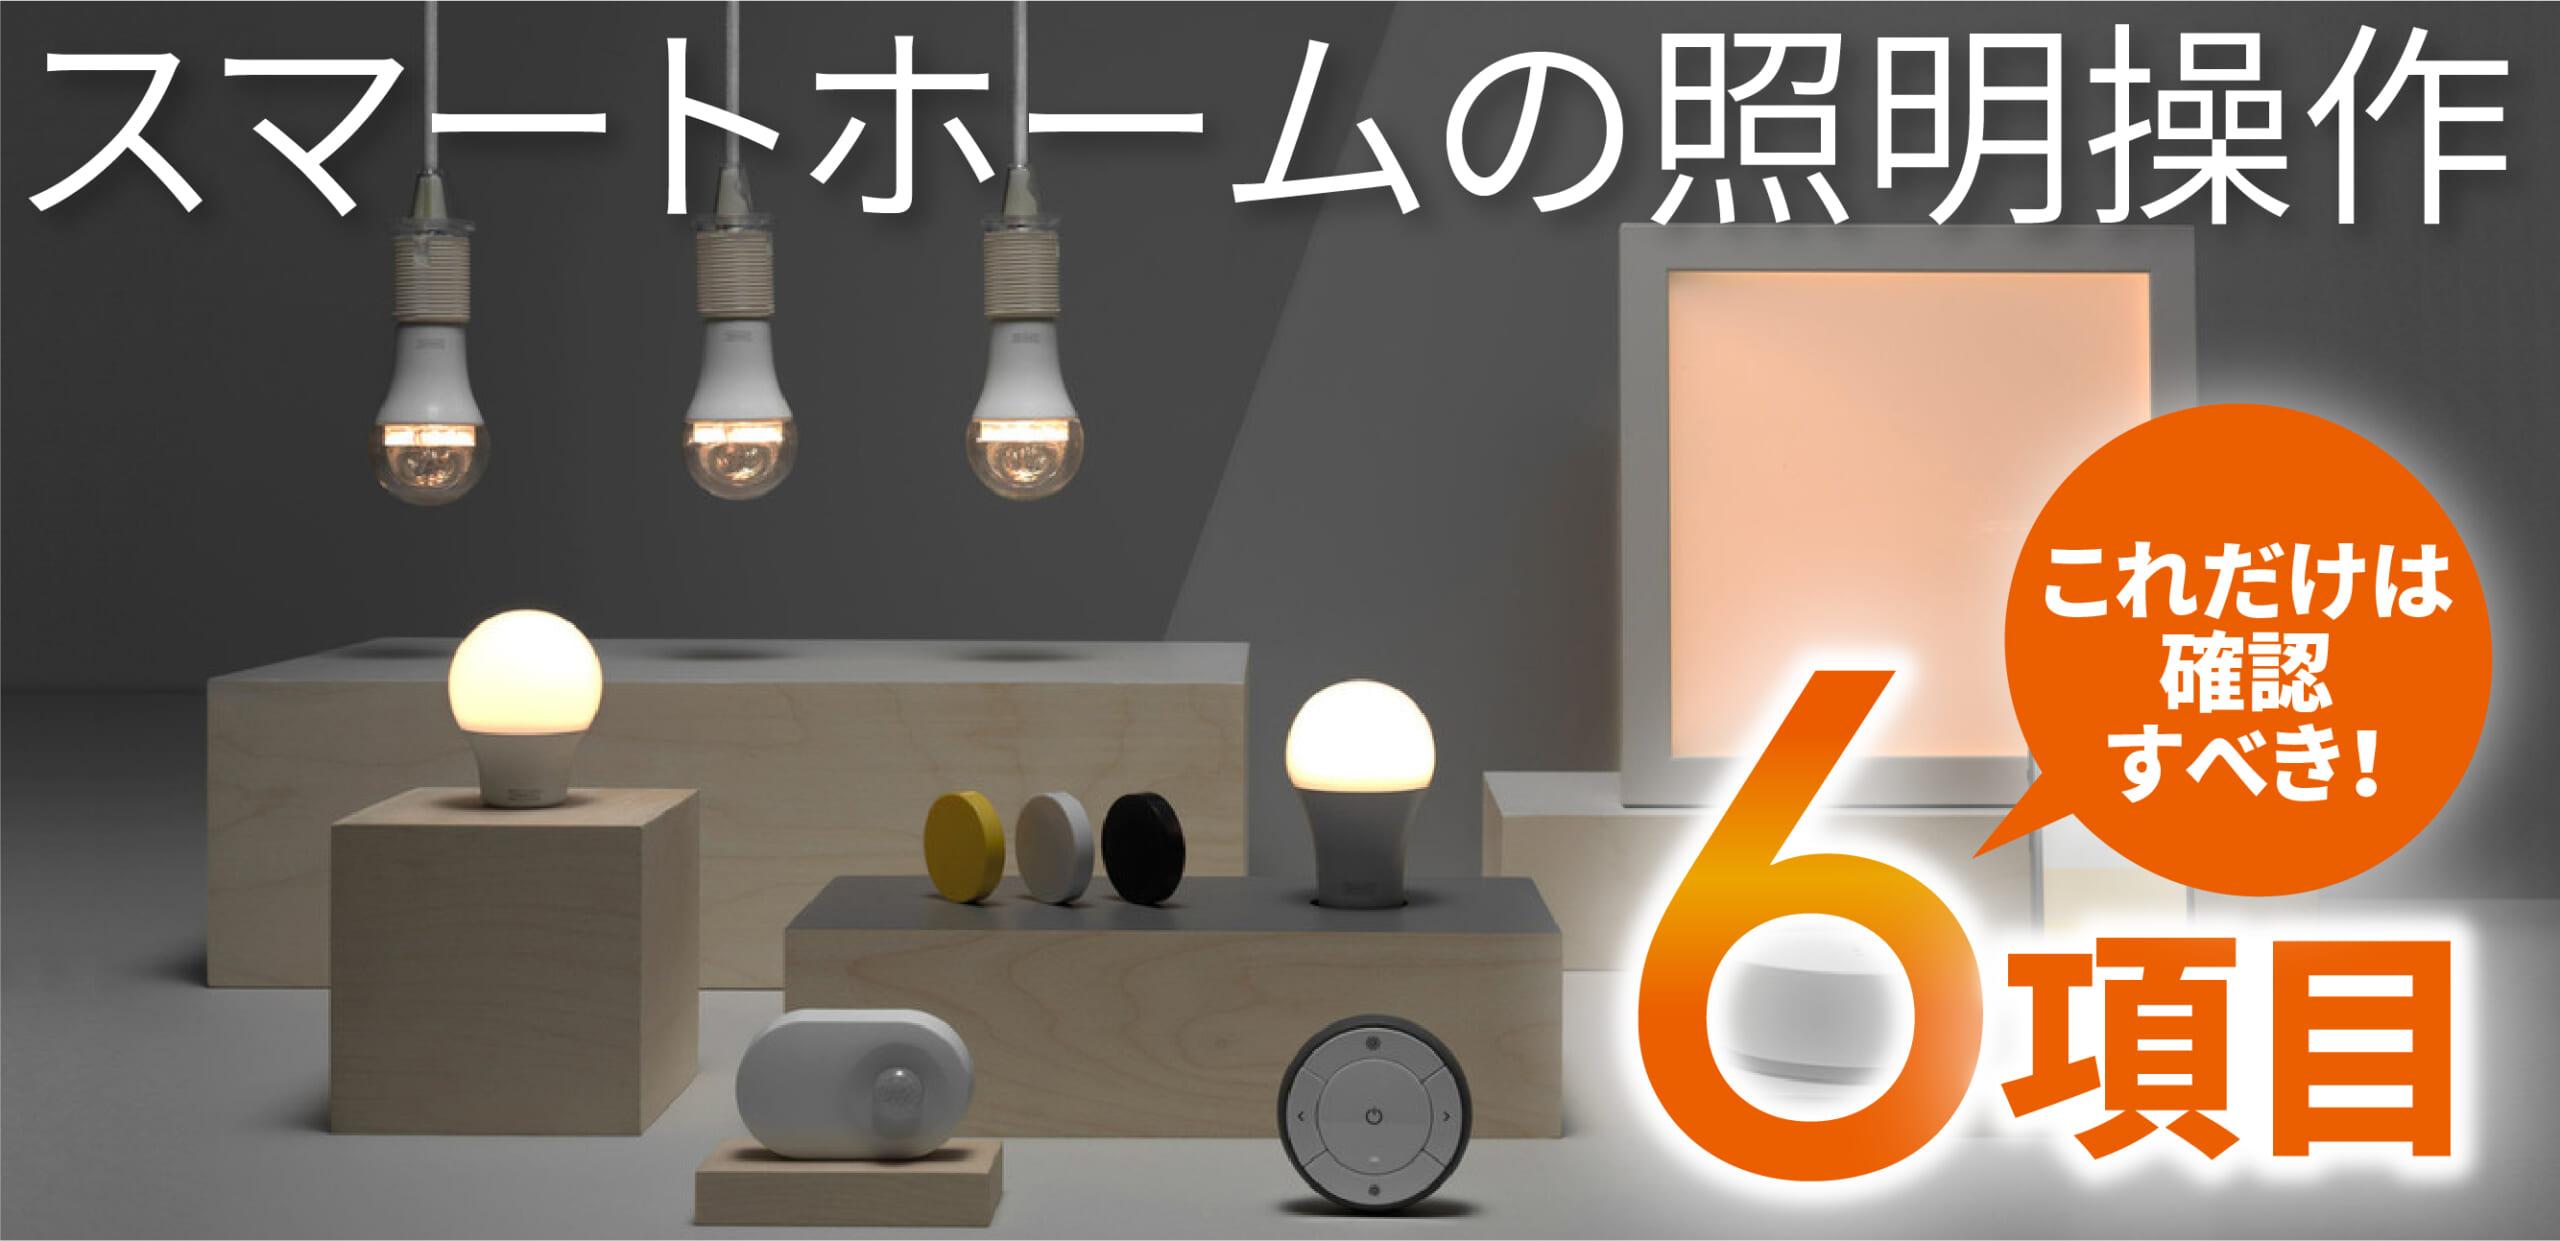 スマートホームの照明操作「導入前」に確認すべき6項目!